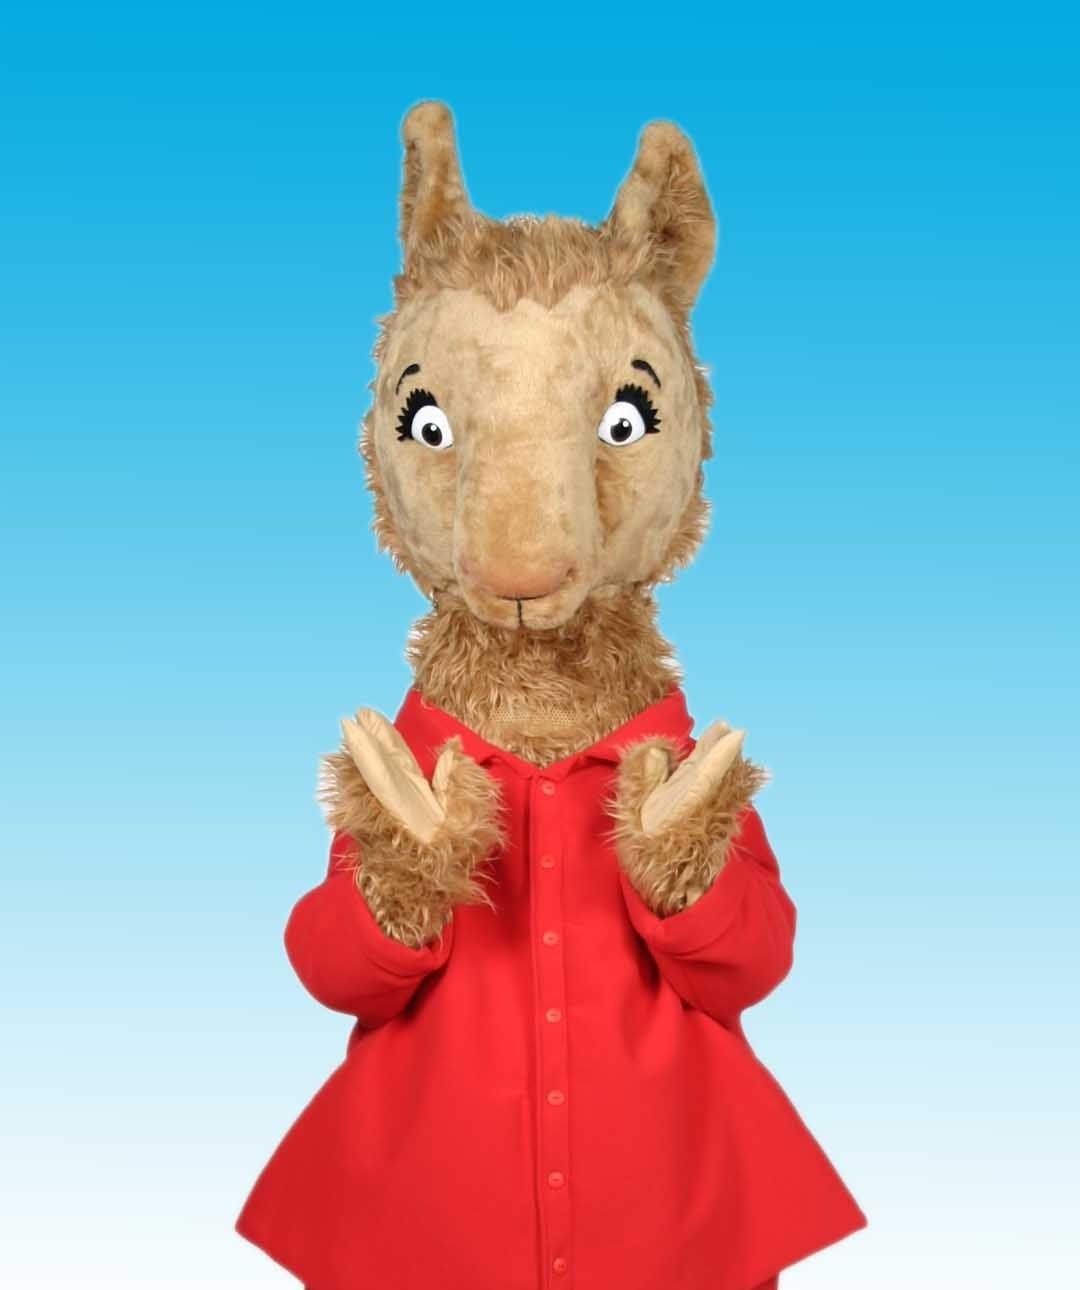 Llama Llama in red pajamas